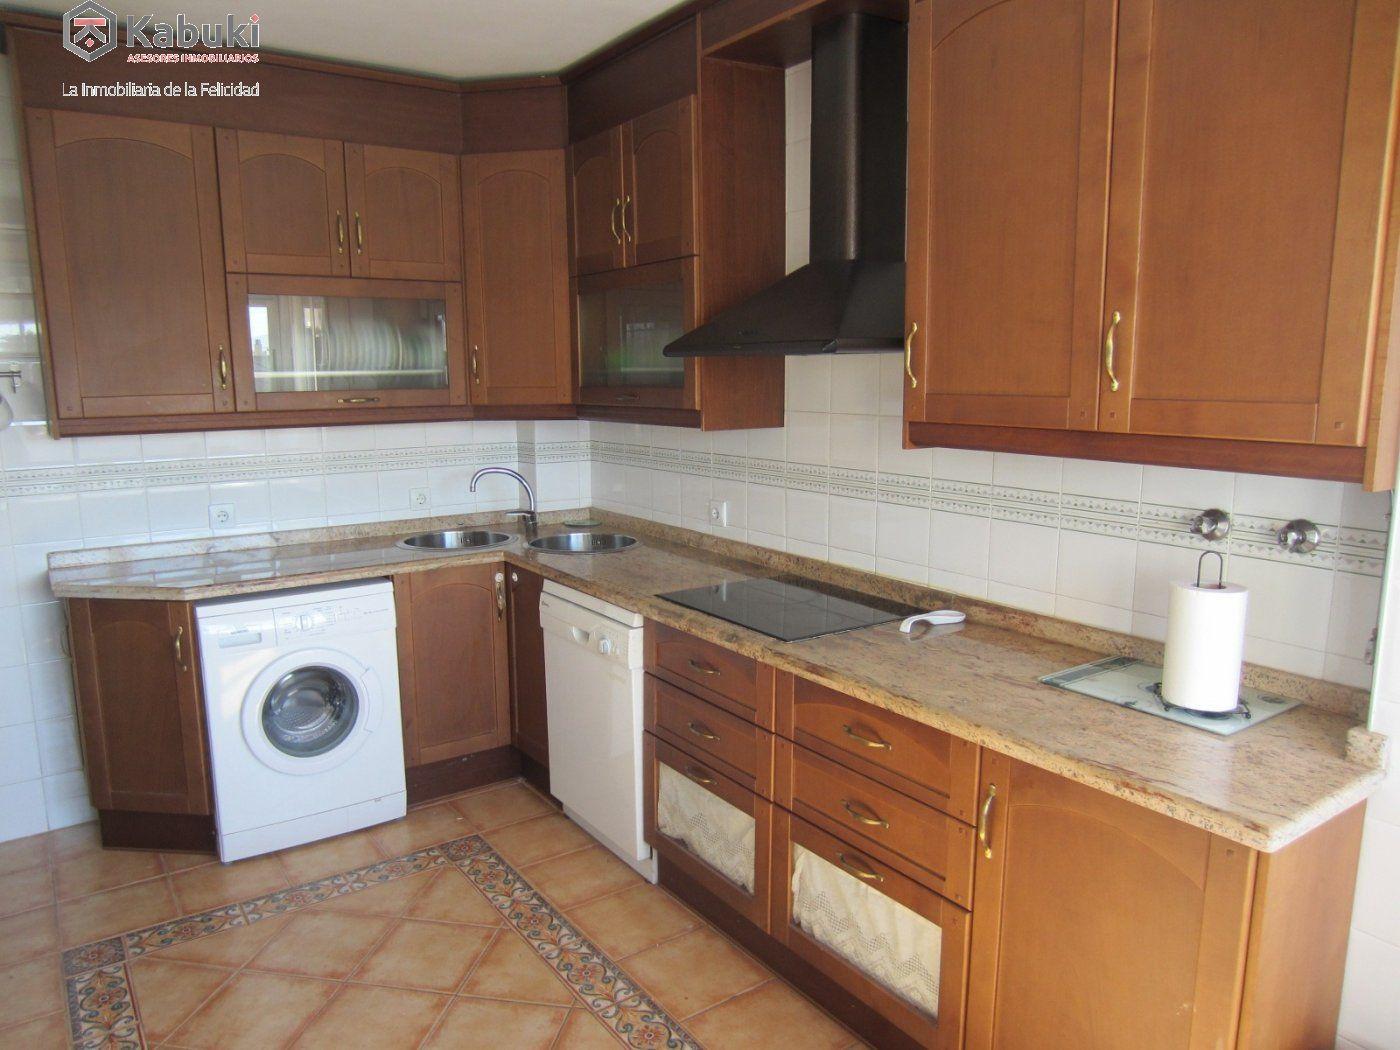 Ático con vistas despejadas en zona residencial, 3 dormitorios, inmejorables calidades - imagenInmueble11